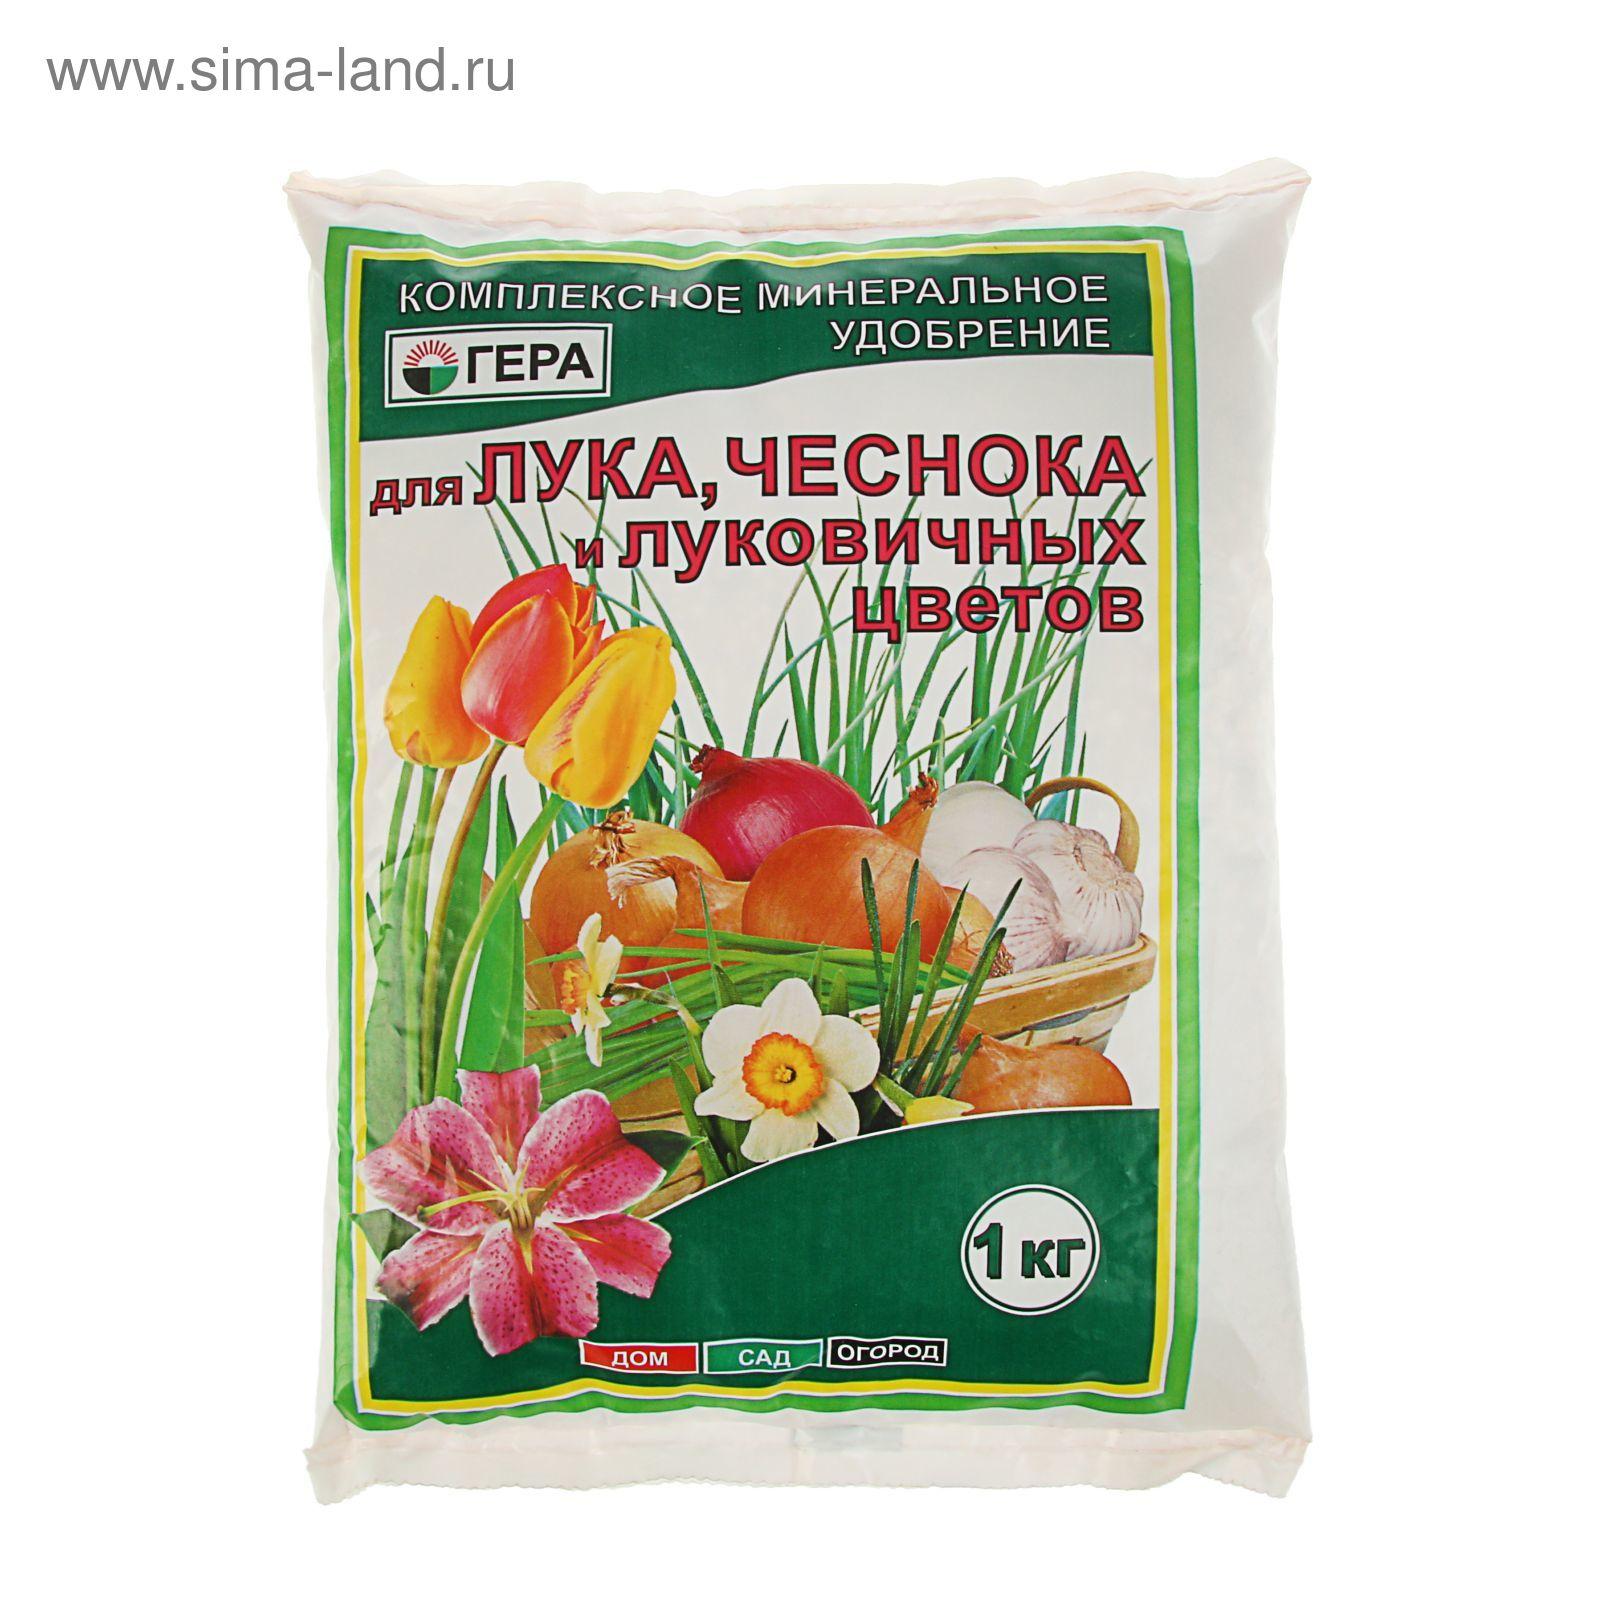 Фосфорные удобрения цветы